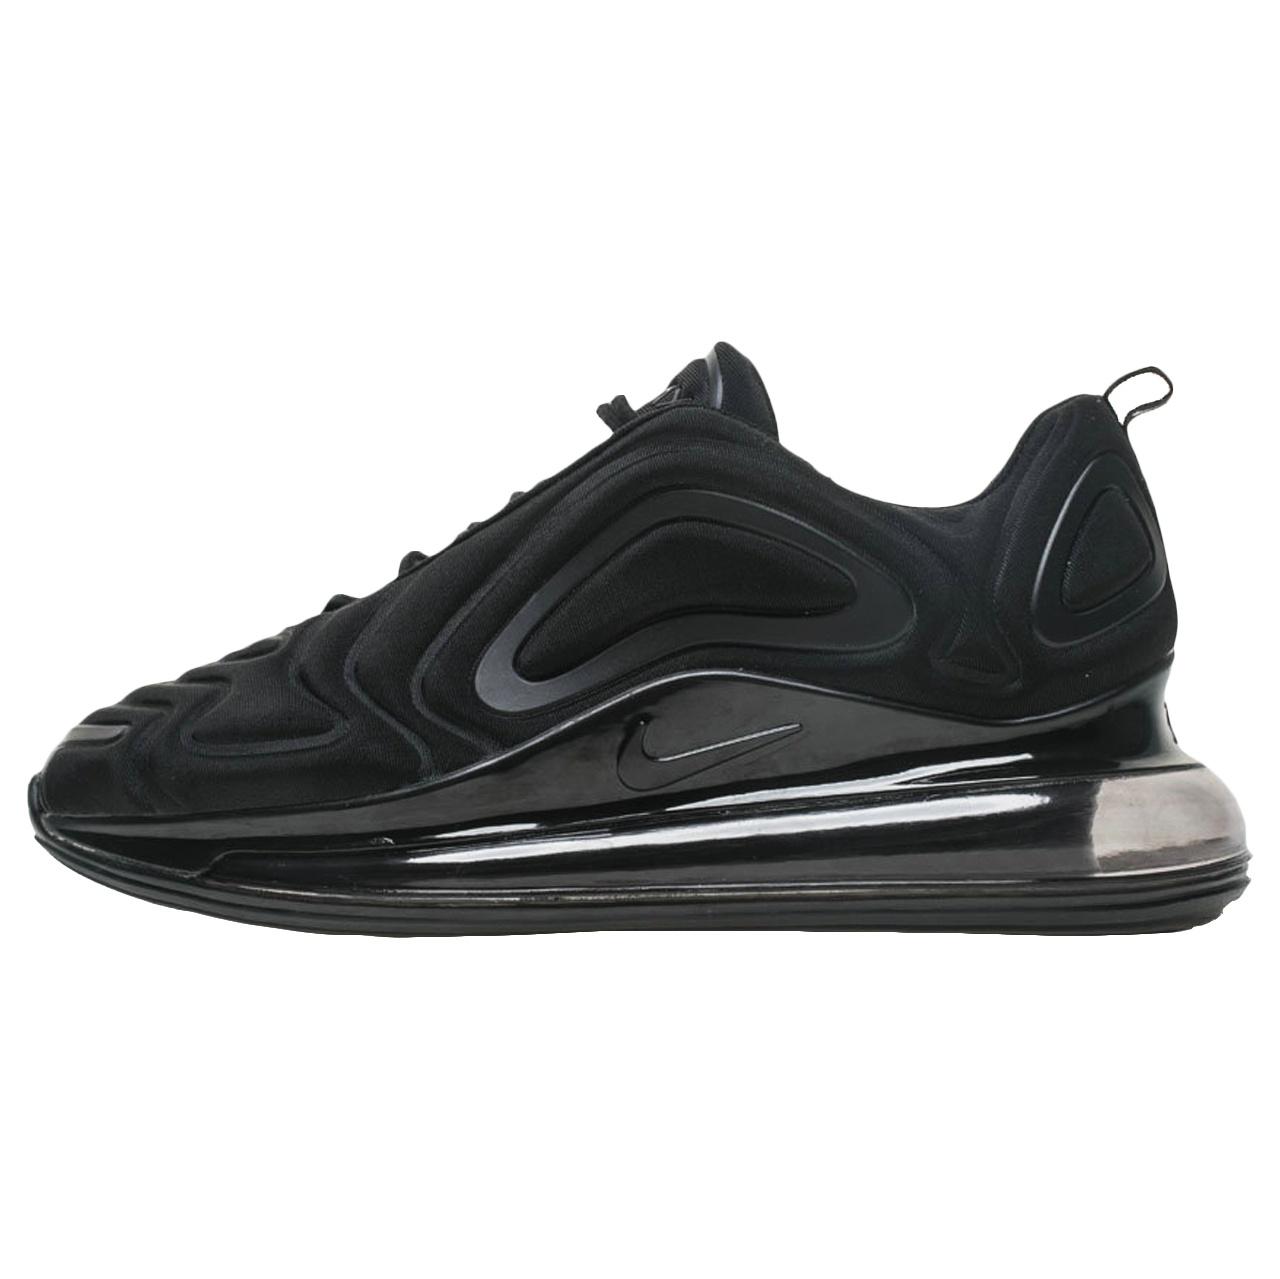 کفش مخصوص دویدن و پیاده روی زنانه مدل  Air Max 720 Black